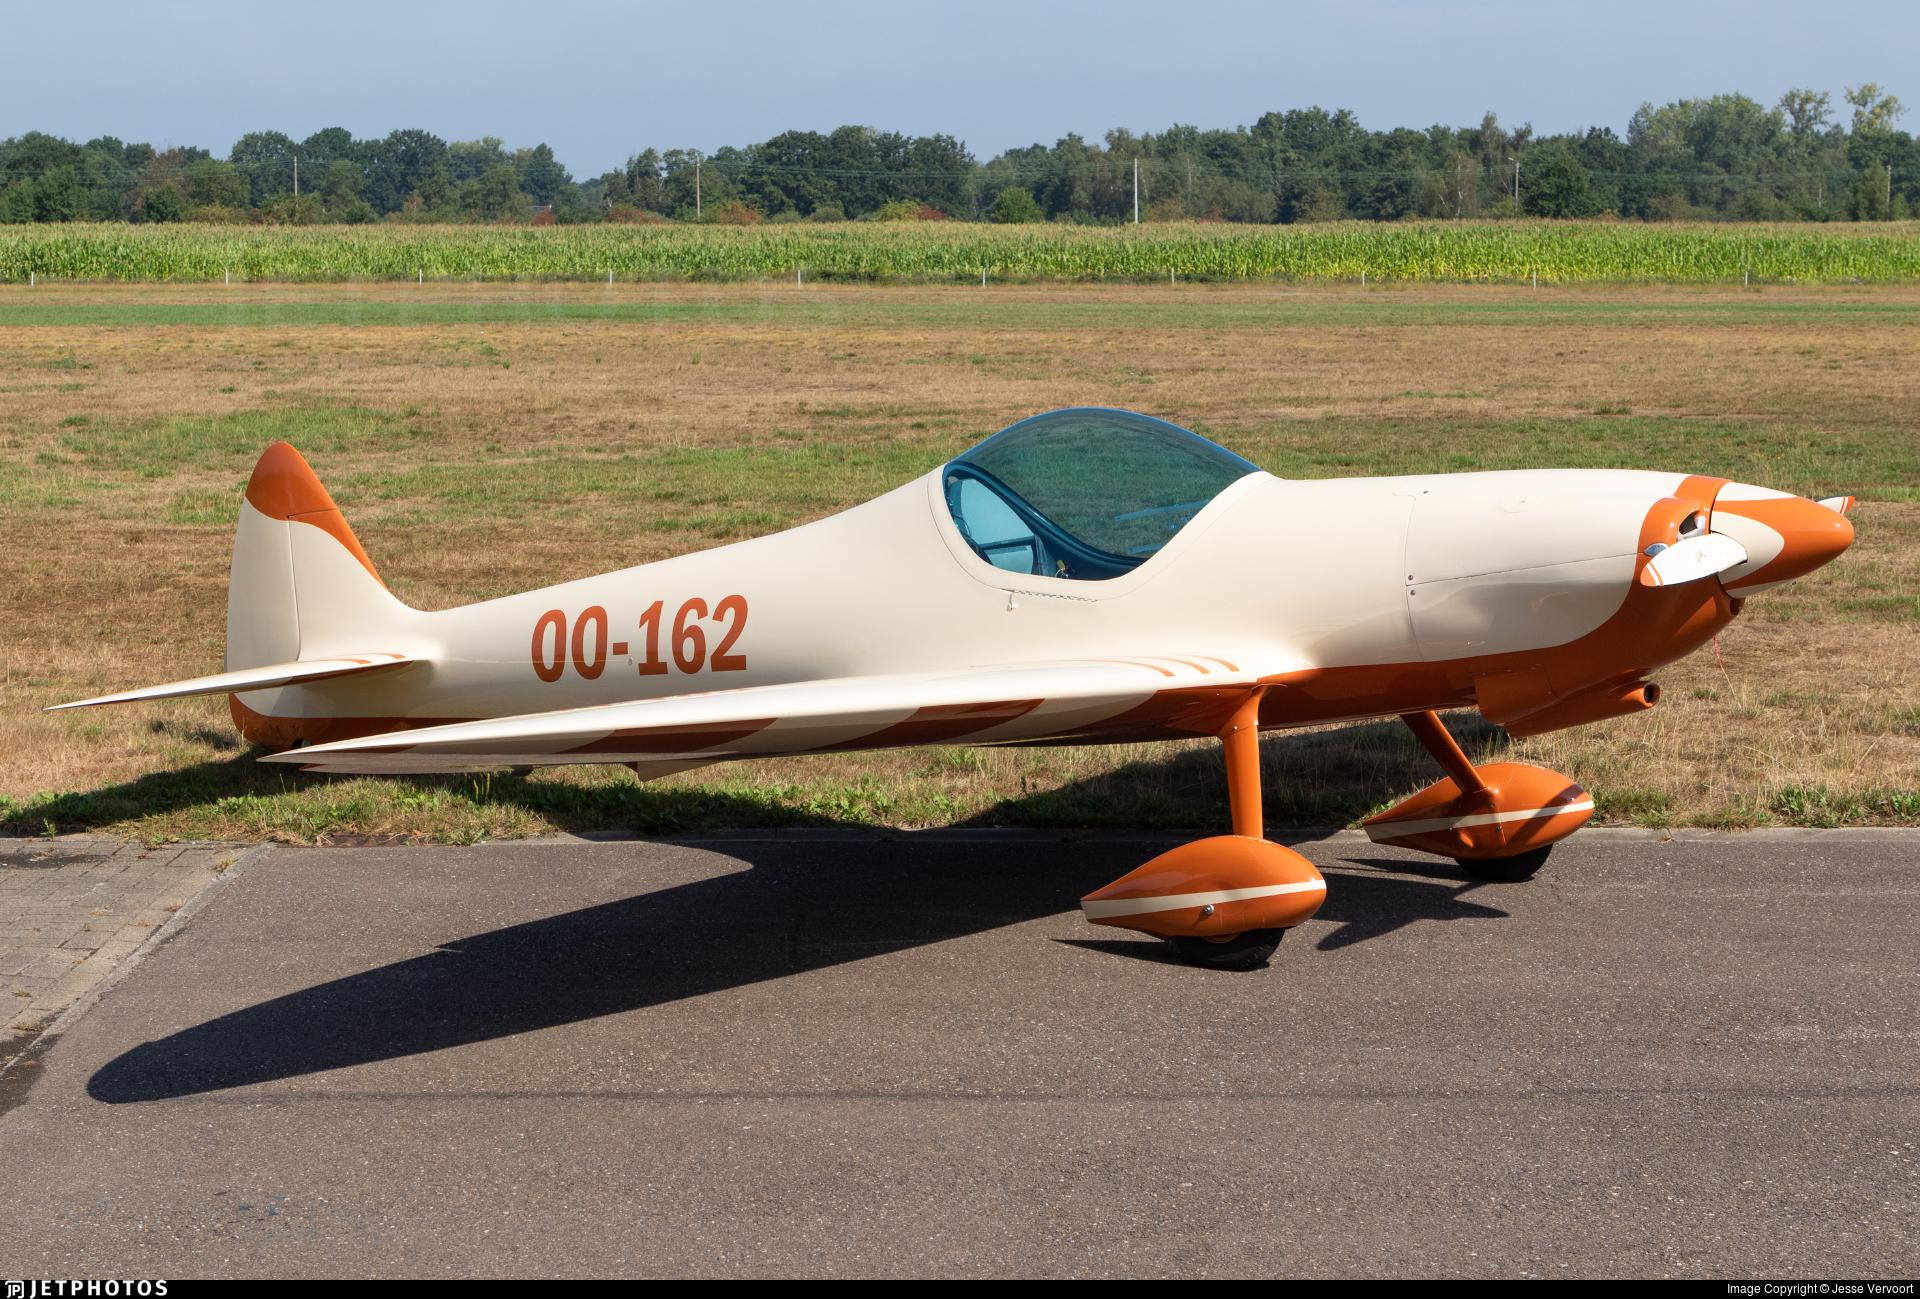 OO-162 - Silence SA1100 Twister - Private